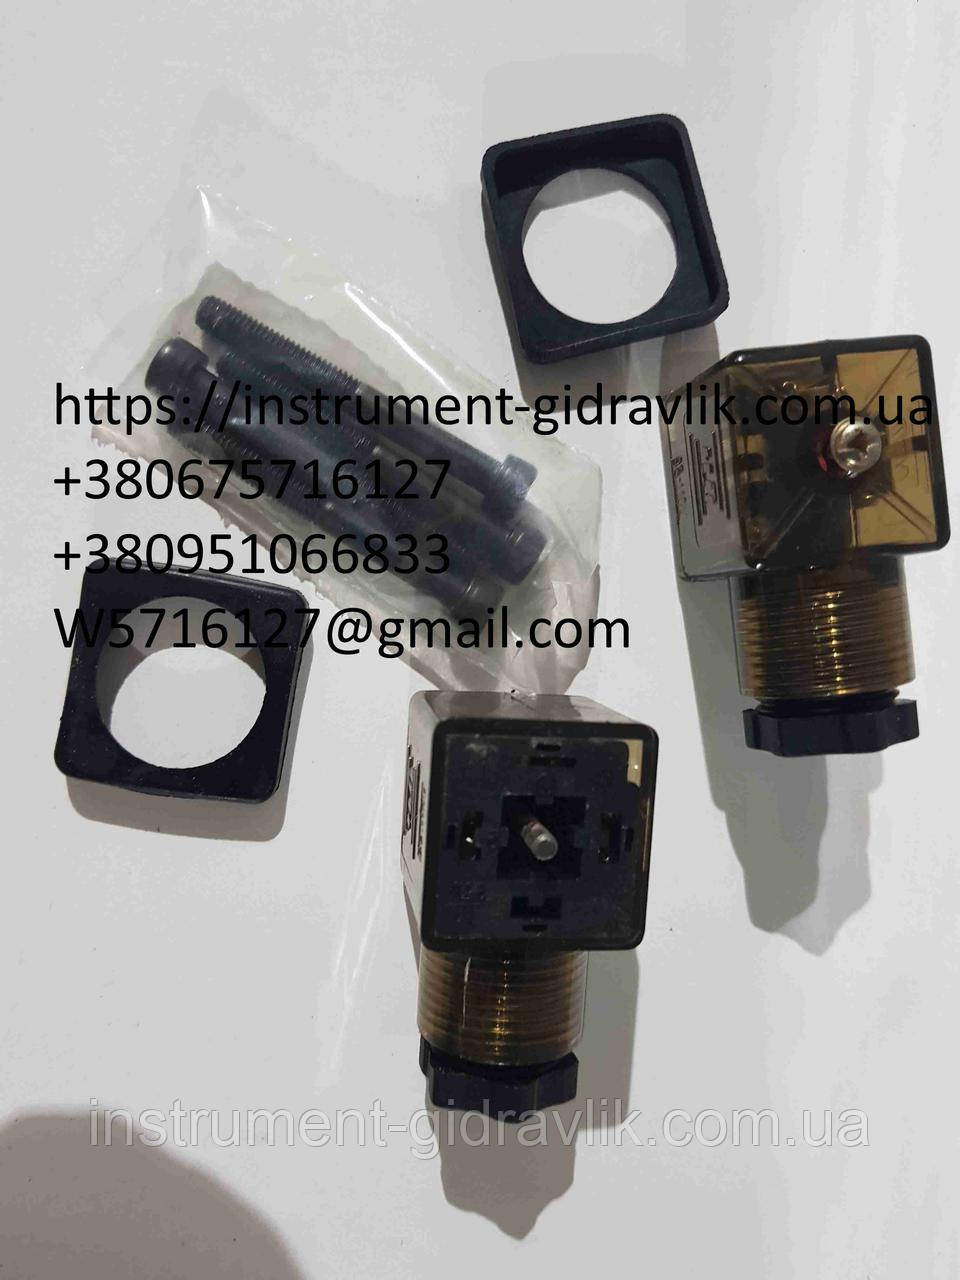 Соеденитель электрический СЭ11-19, DIN43650 (электроразьем,фишка) со световой индикацией